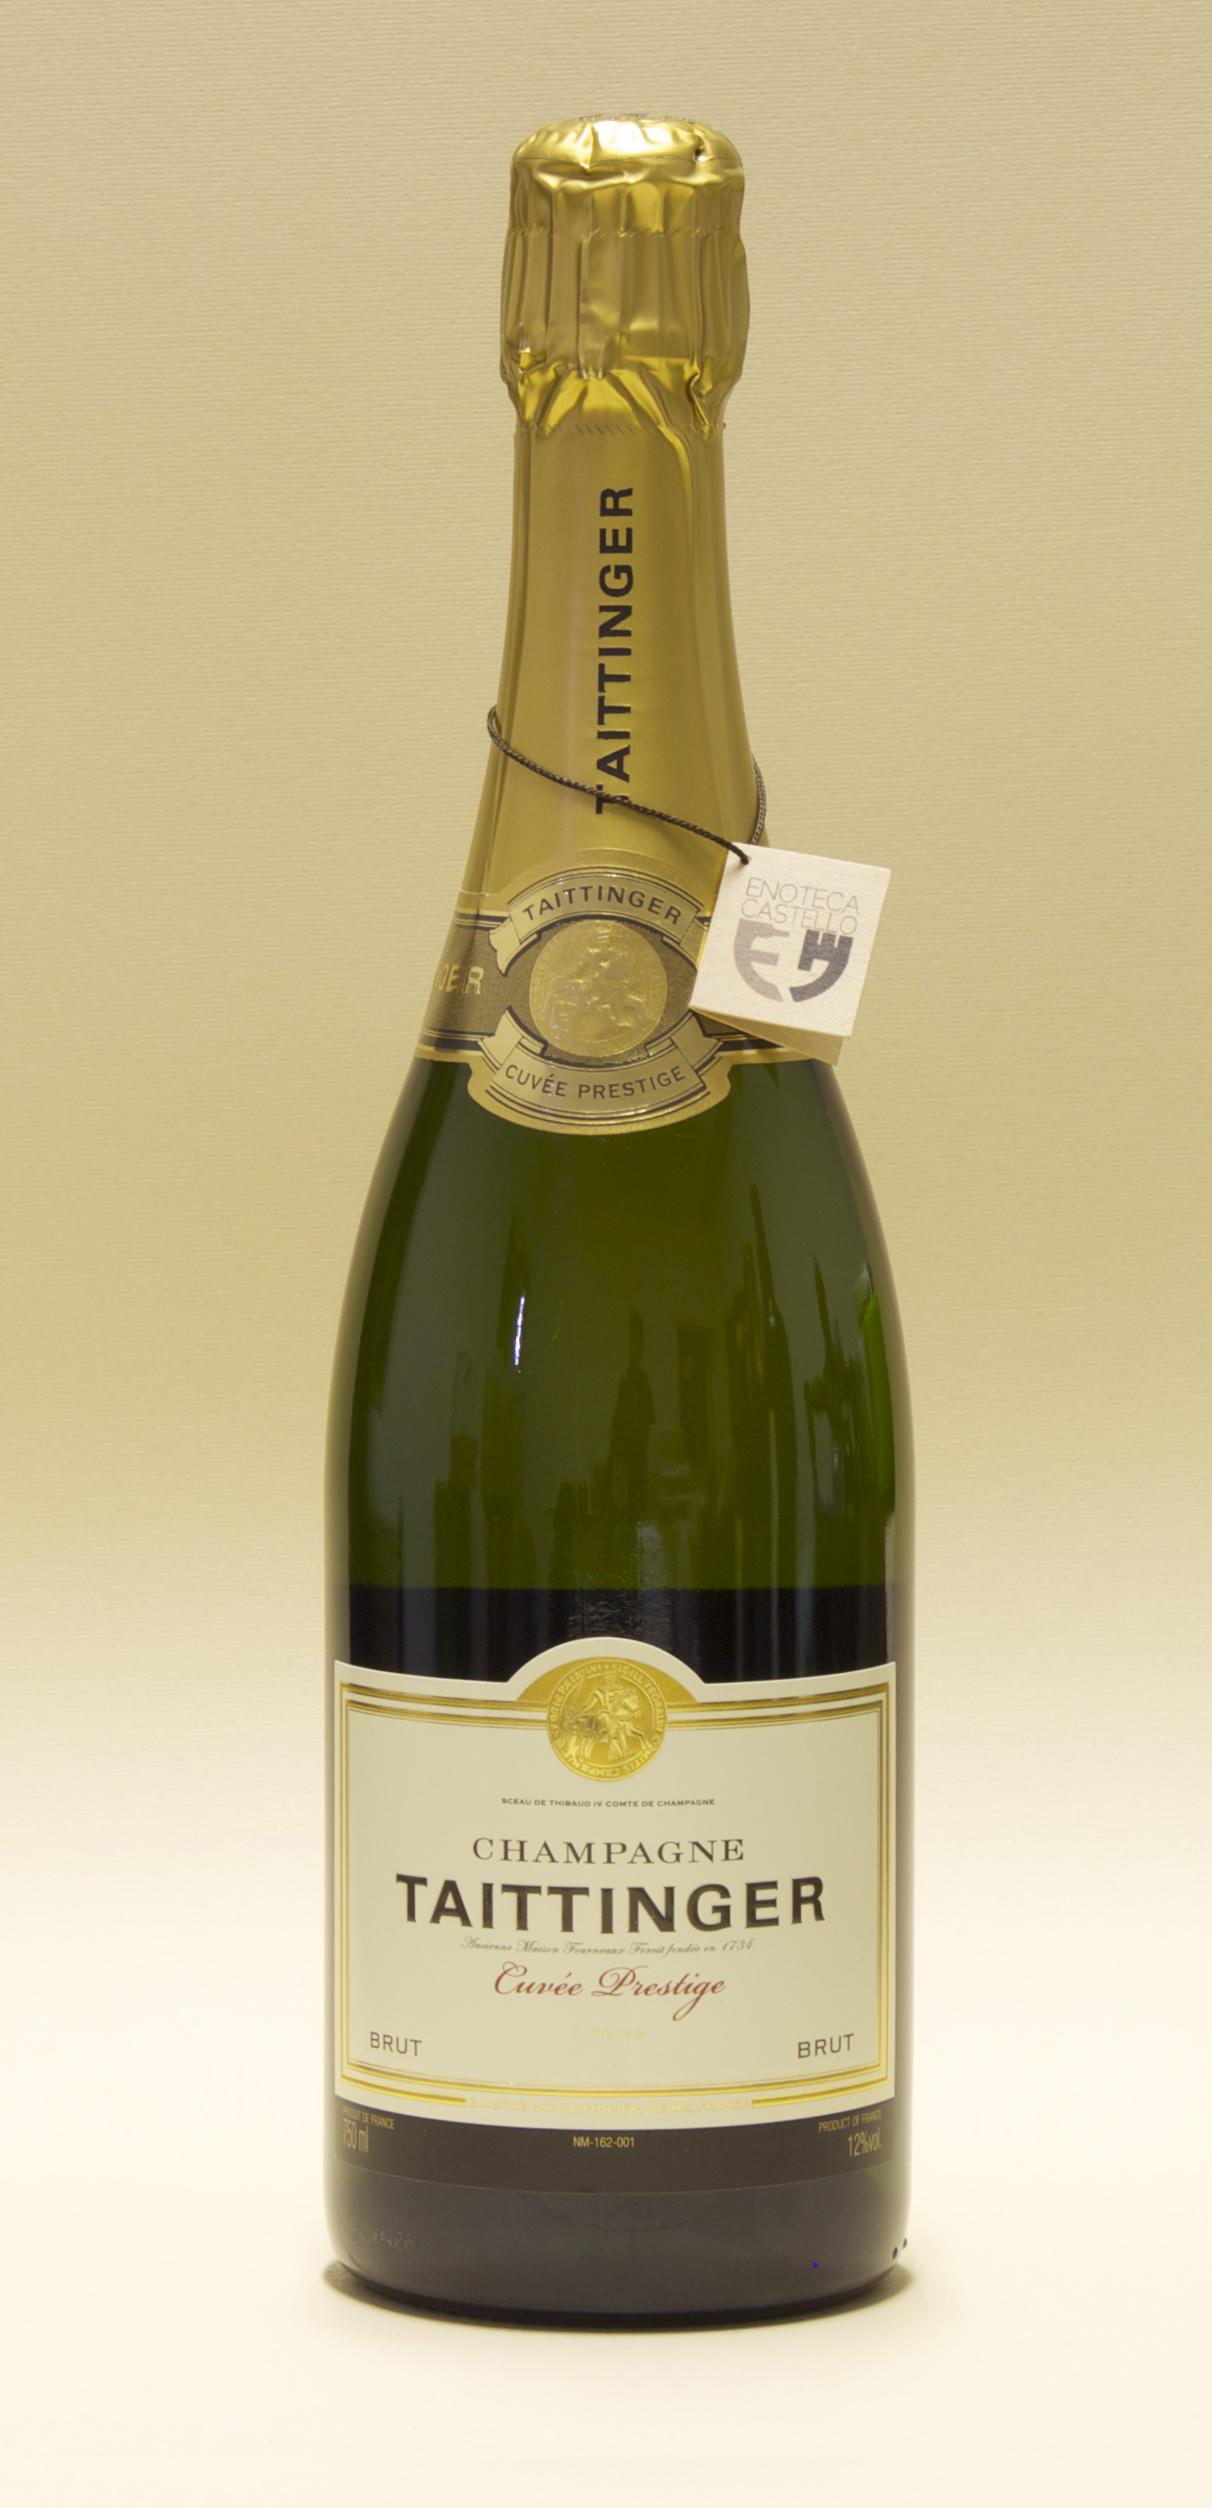 Taittinger vendita vini online enoteca castello pavia - Champagne taittinger cuvee prestige ...